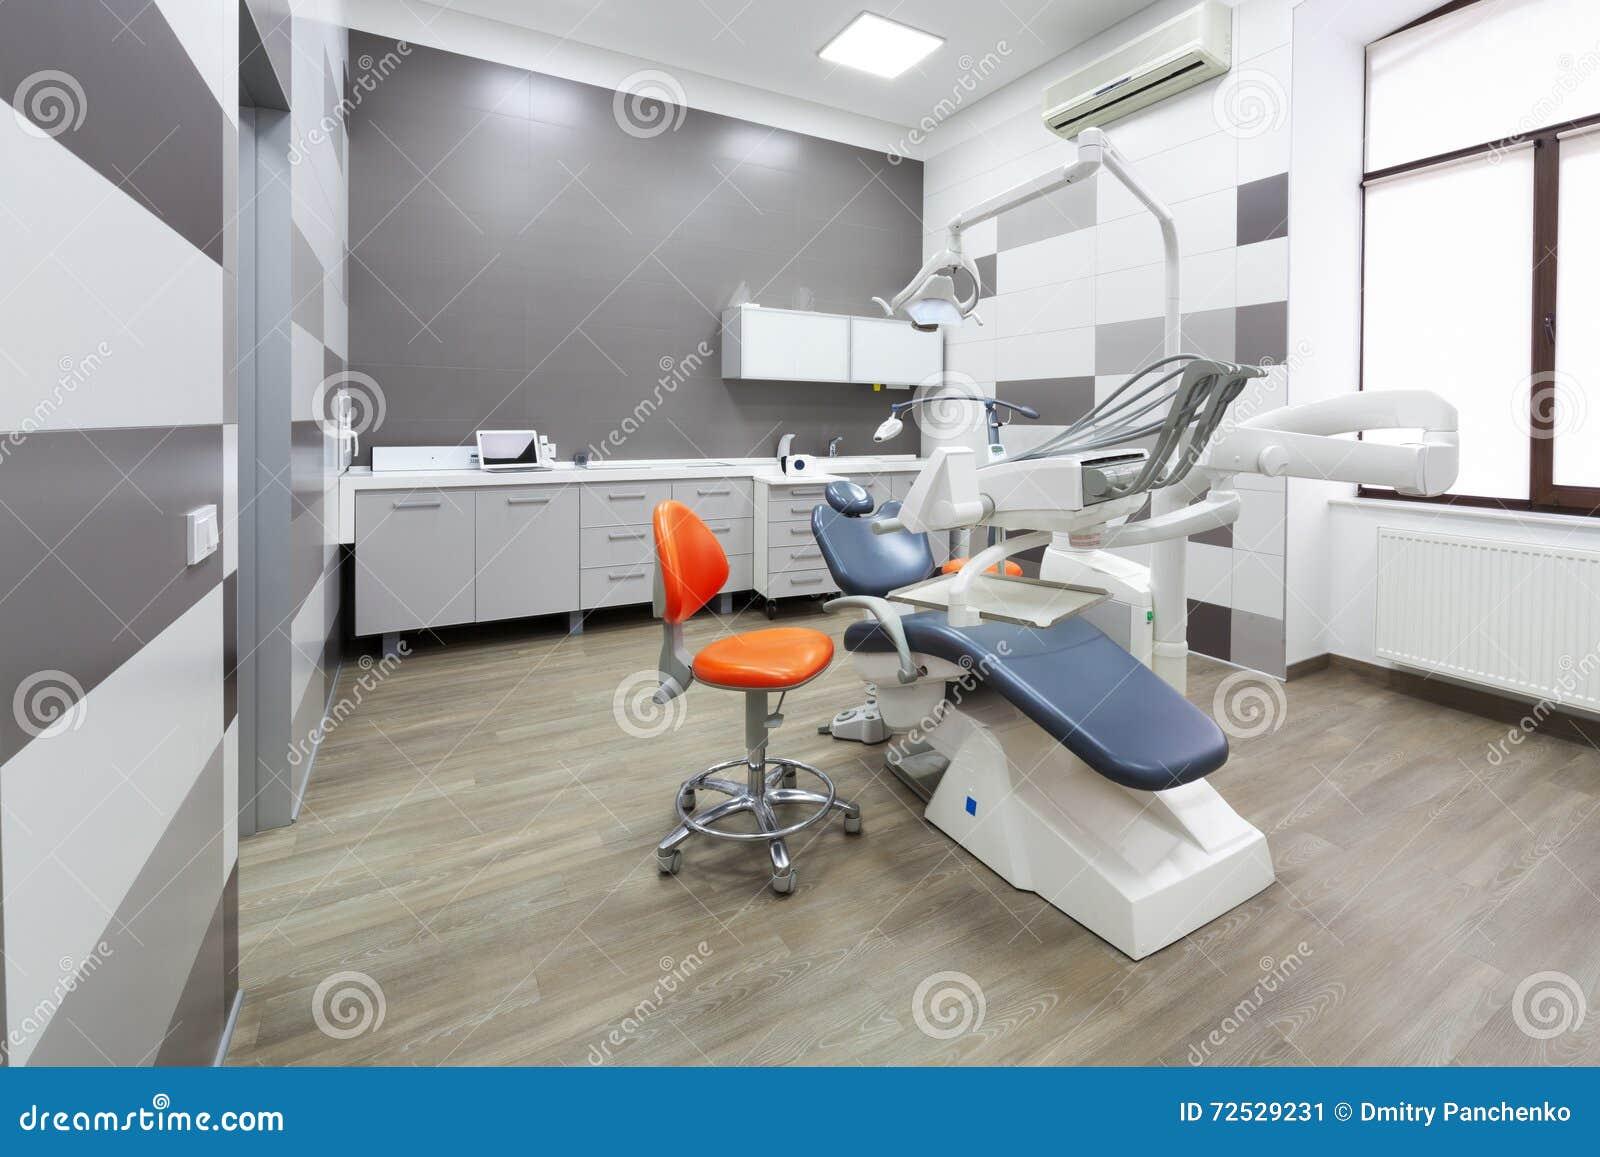 Modern dental office design Dental Hospital Image Of Dental Office Interior Office Design Office Design Daksh Masquespacio Have Designed Somriures New Filyawco Dental Office Interior Office Design Office Design Daksh